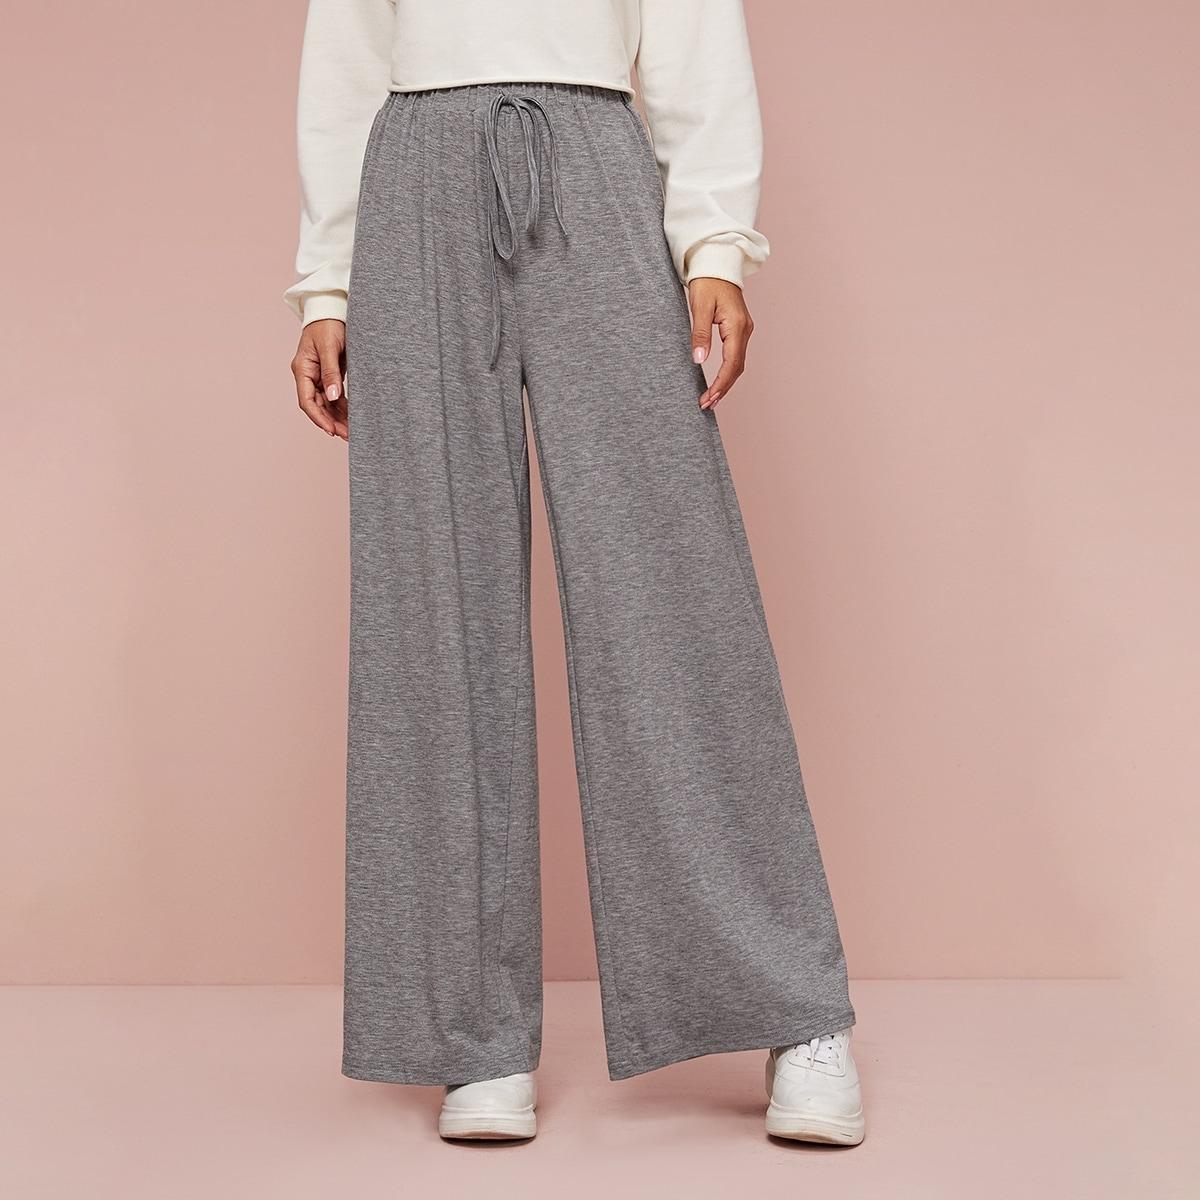 SHEIN / Hosen mit Taillenband und weitem Beinschnitt